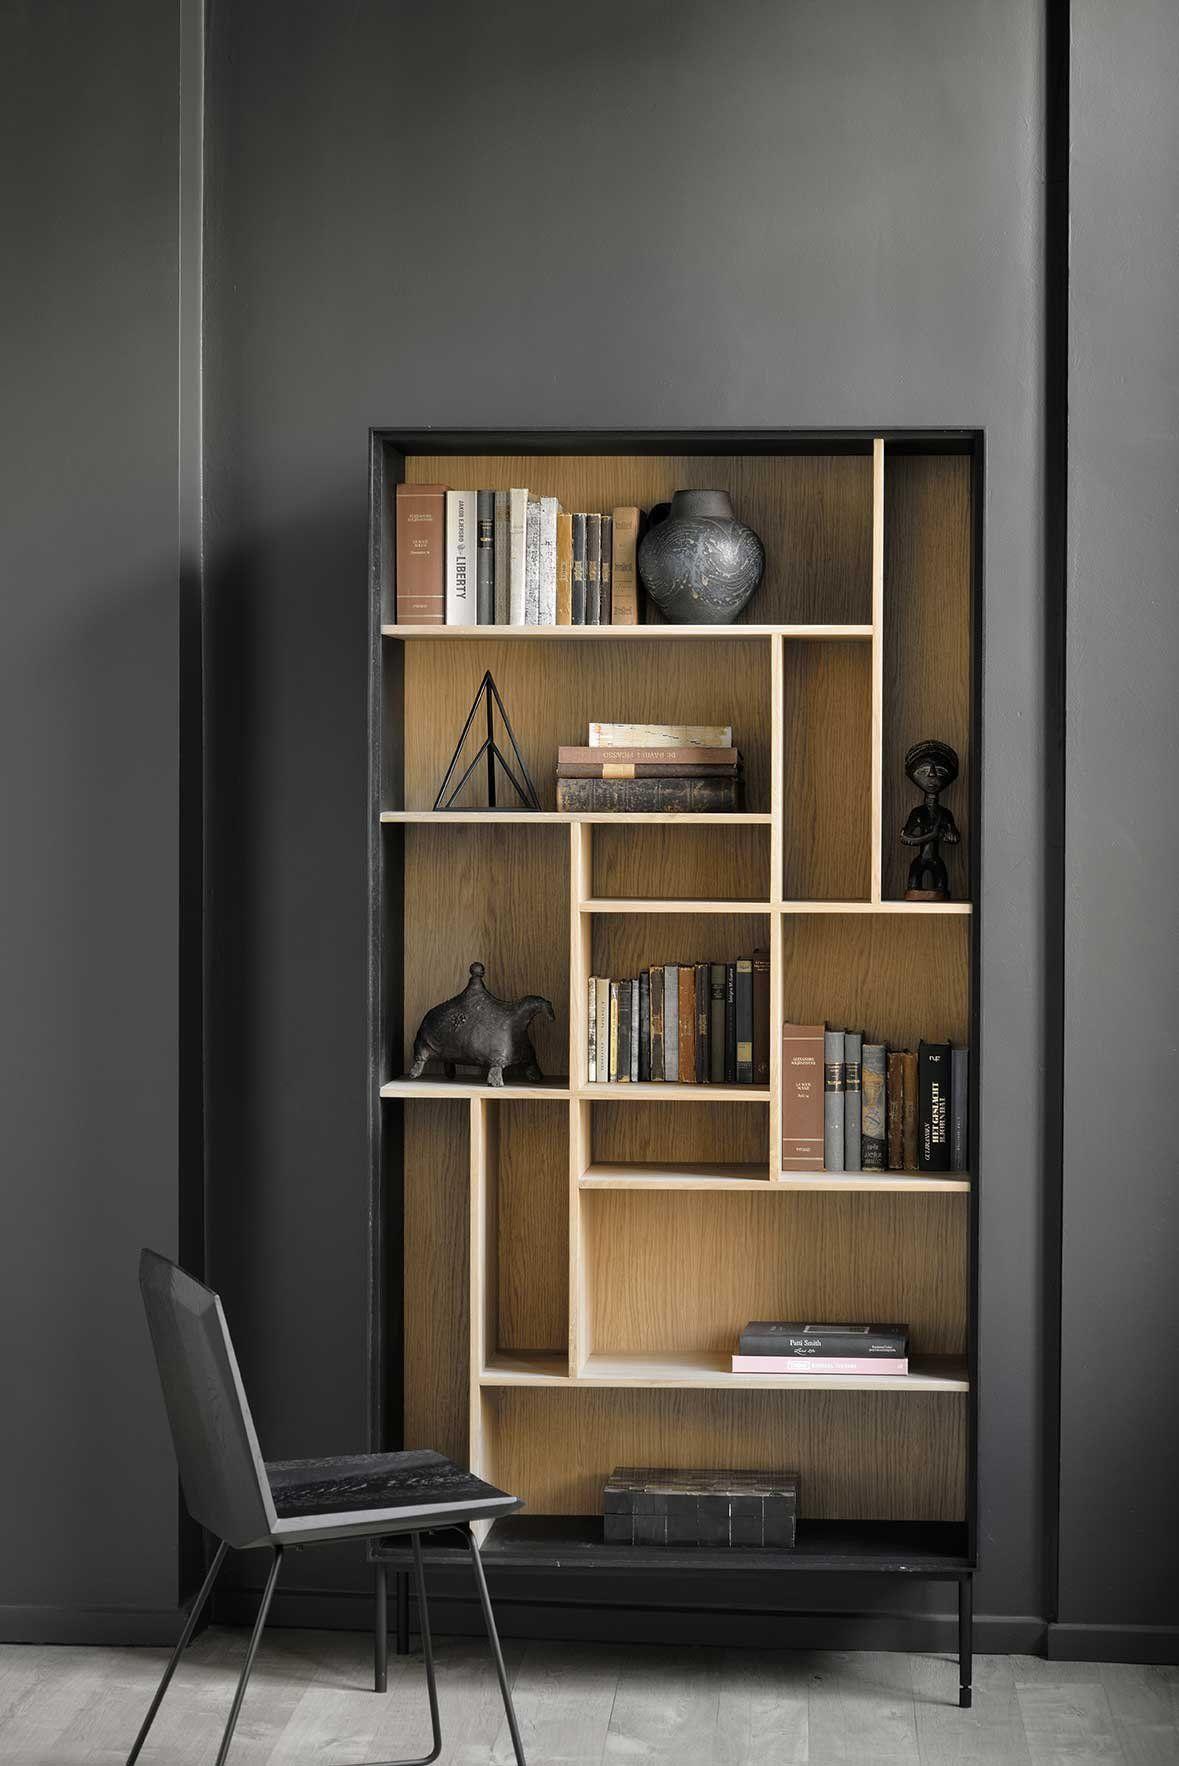 Bibliotheque Noire Ethnicraft Mobilier De Salon Meuble Bibliotheque Meuble Maison